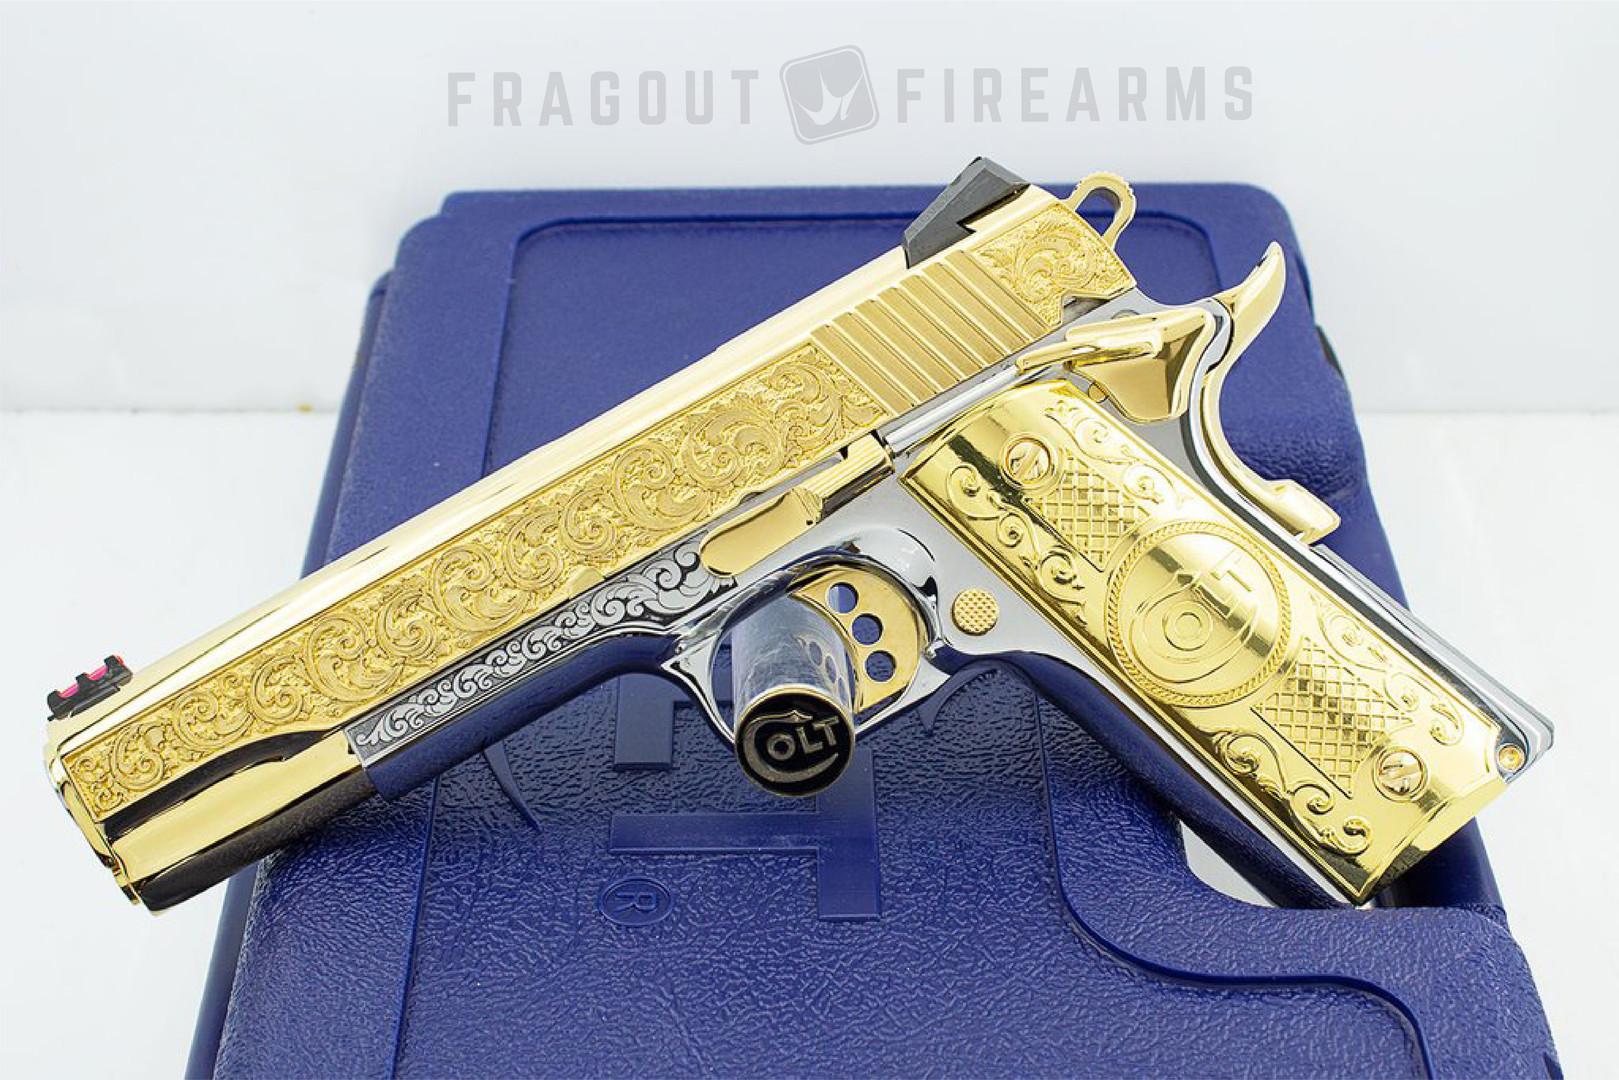 _ GOLD COLT 1911 Slide art by Fragout Fi